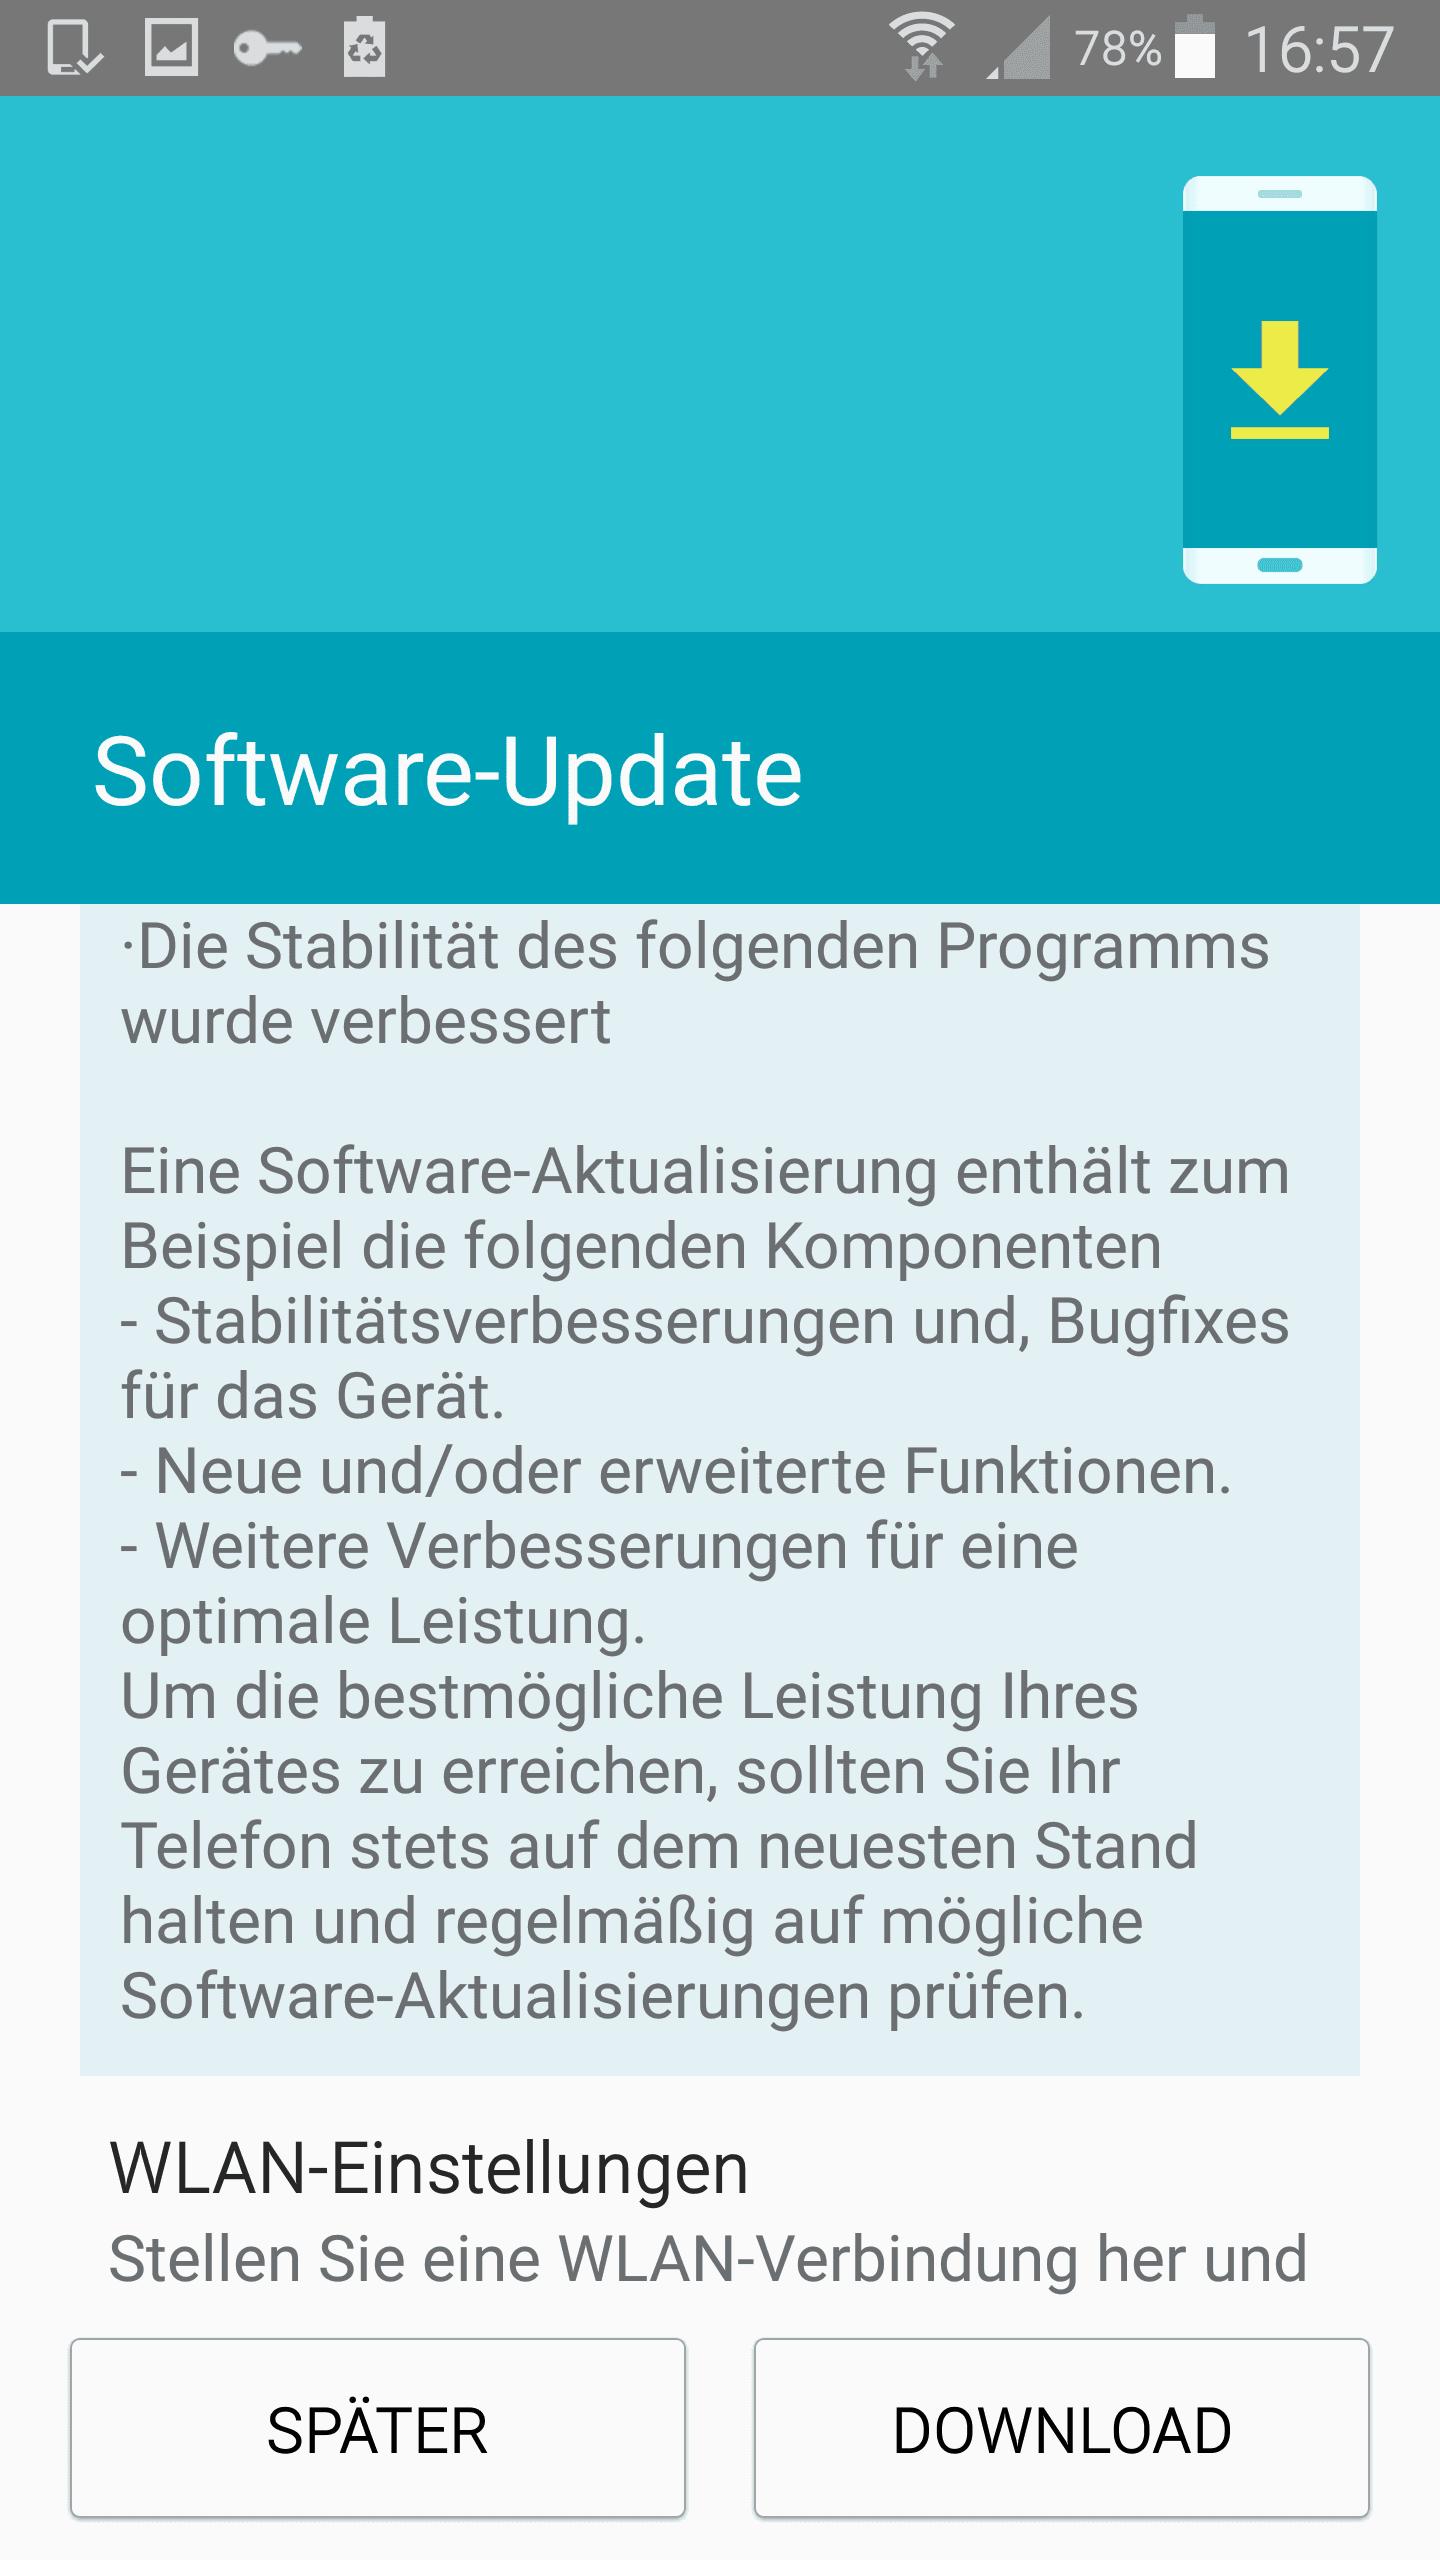 Samsung Galaxy Note 4 Android 6.0.1 Marshmallow Update in Deutschland & Österreich 1